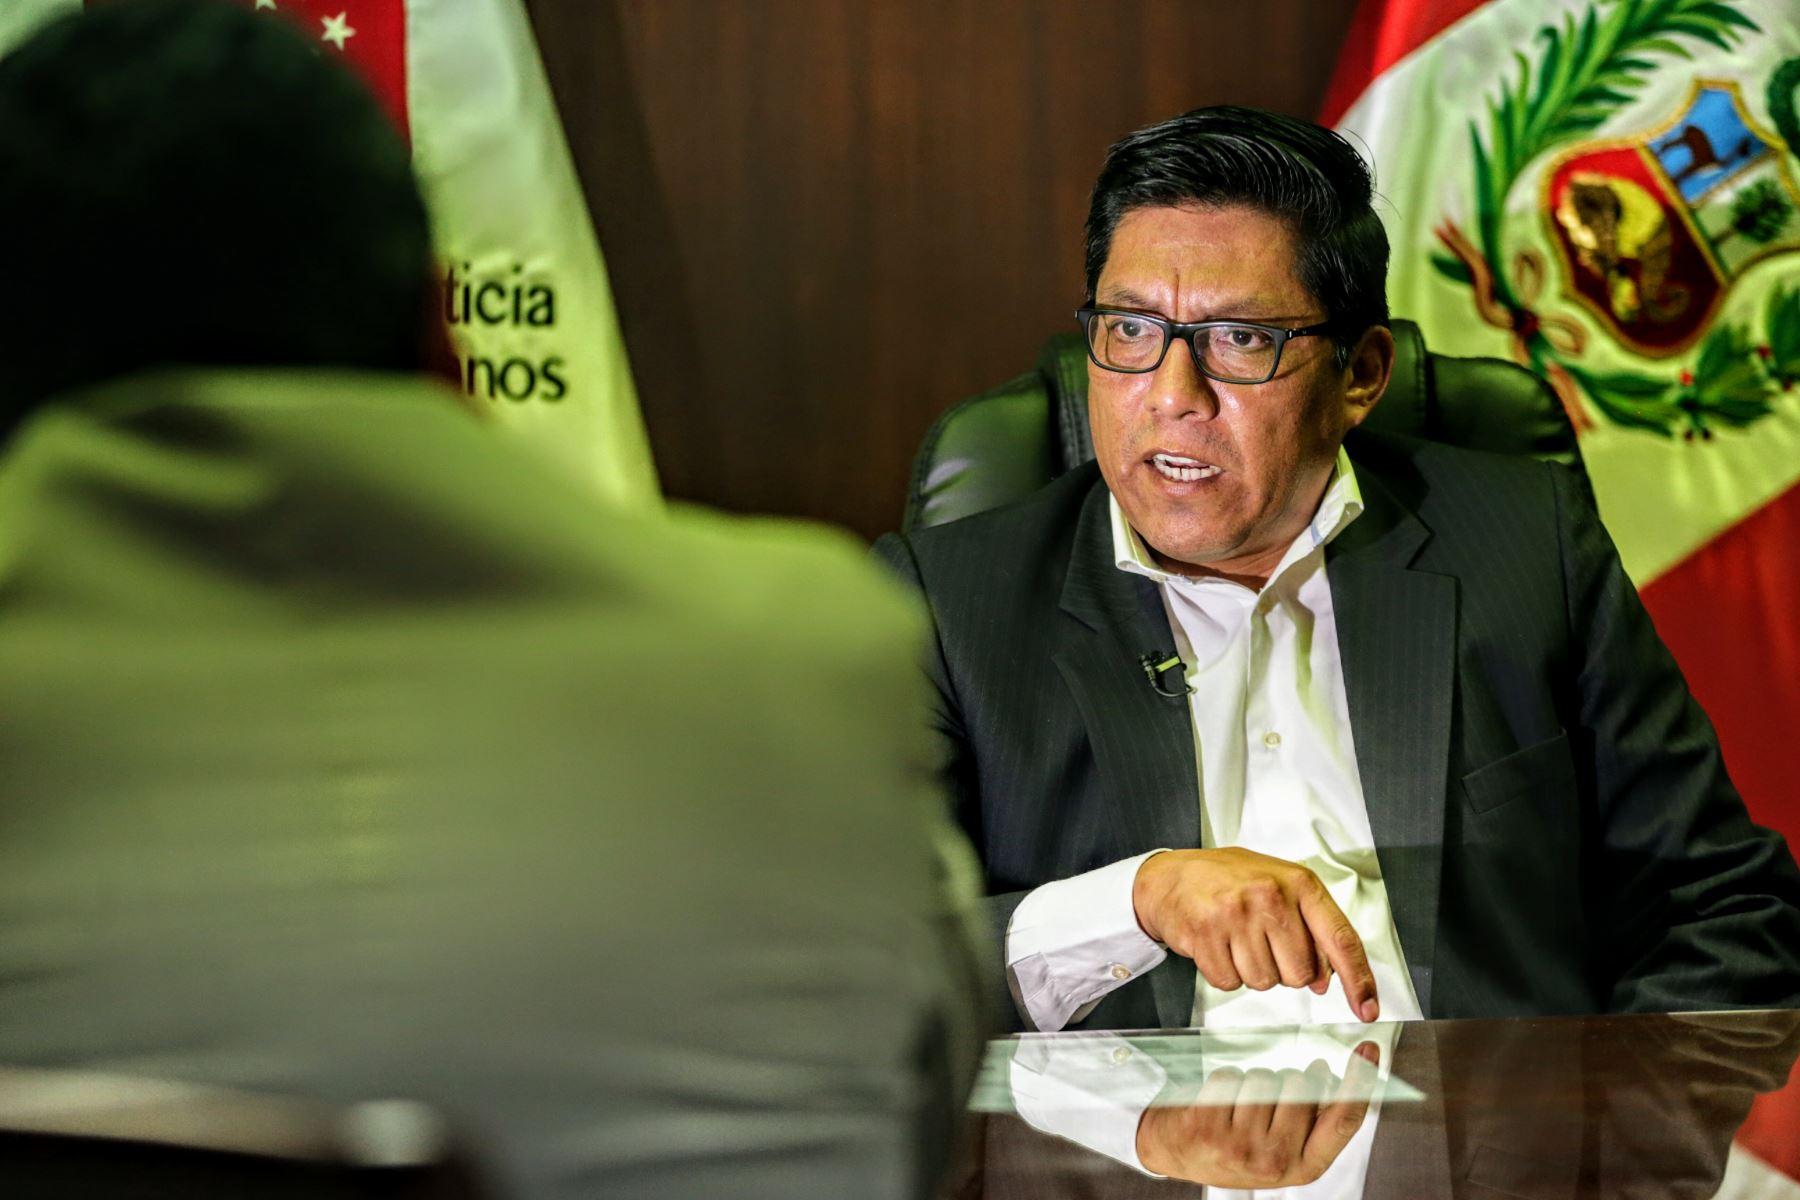 Popularidad de Martín Vizcarra cae por tercera vez consecutiva — En descenso